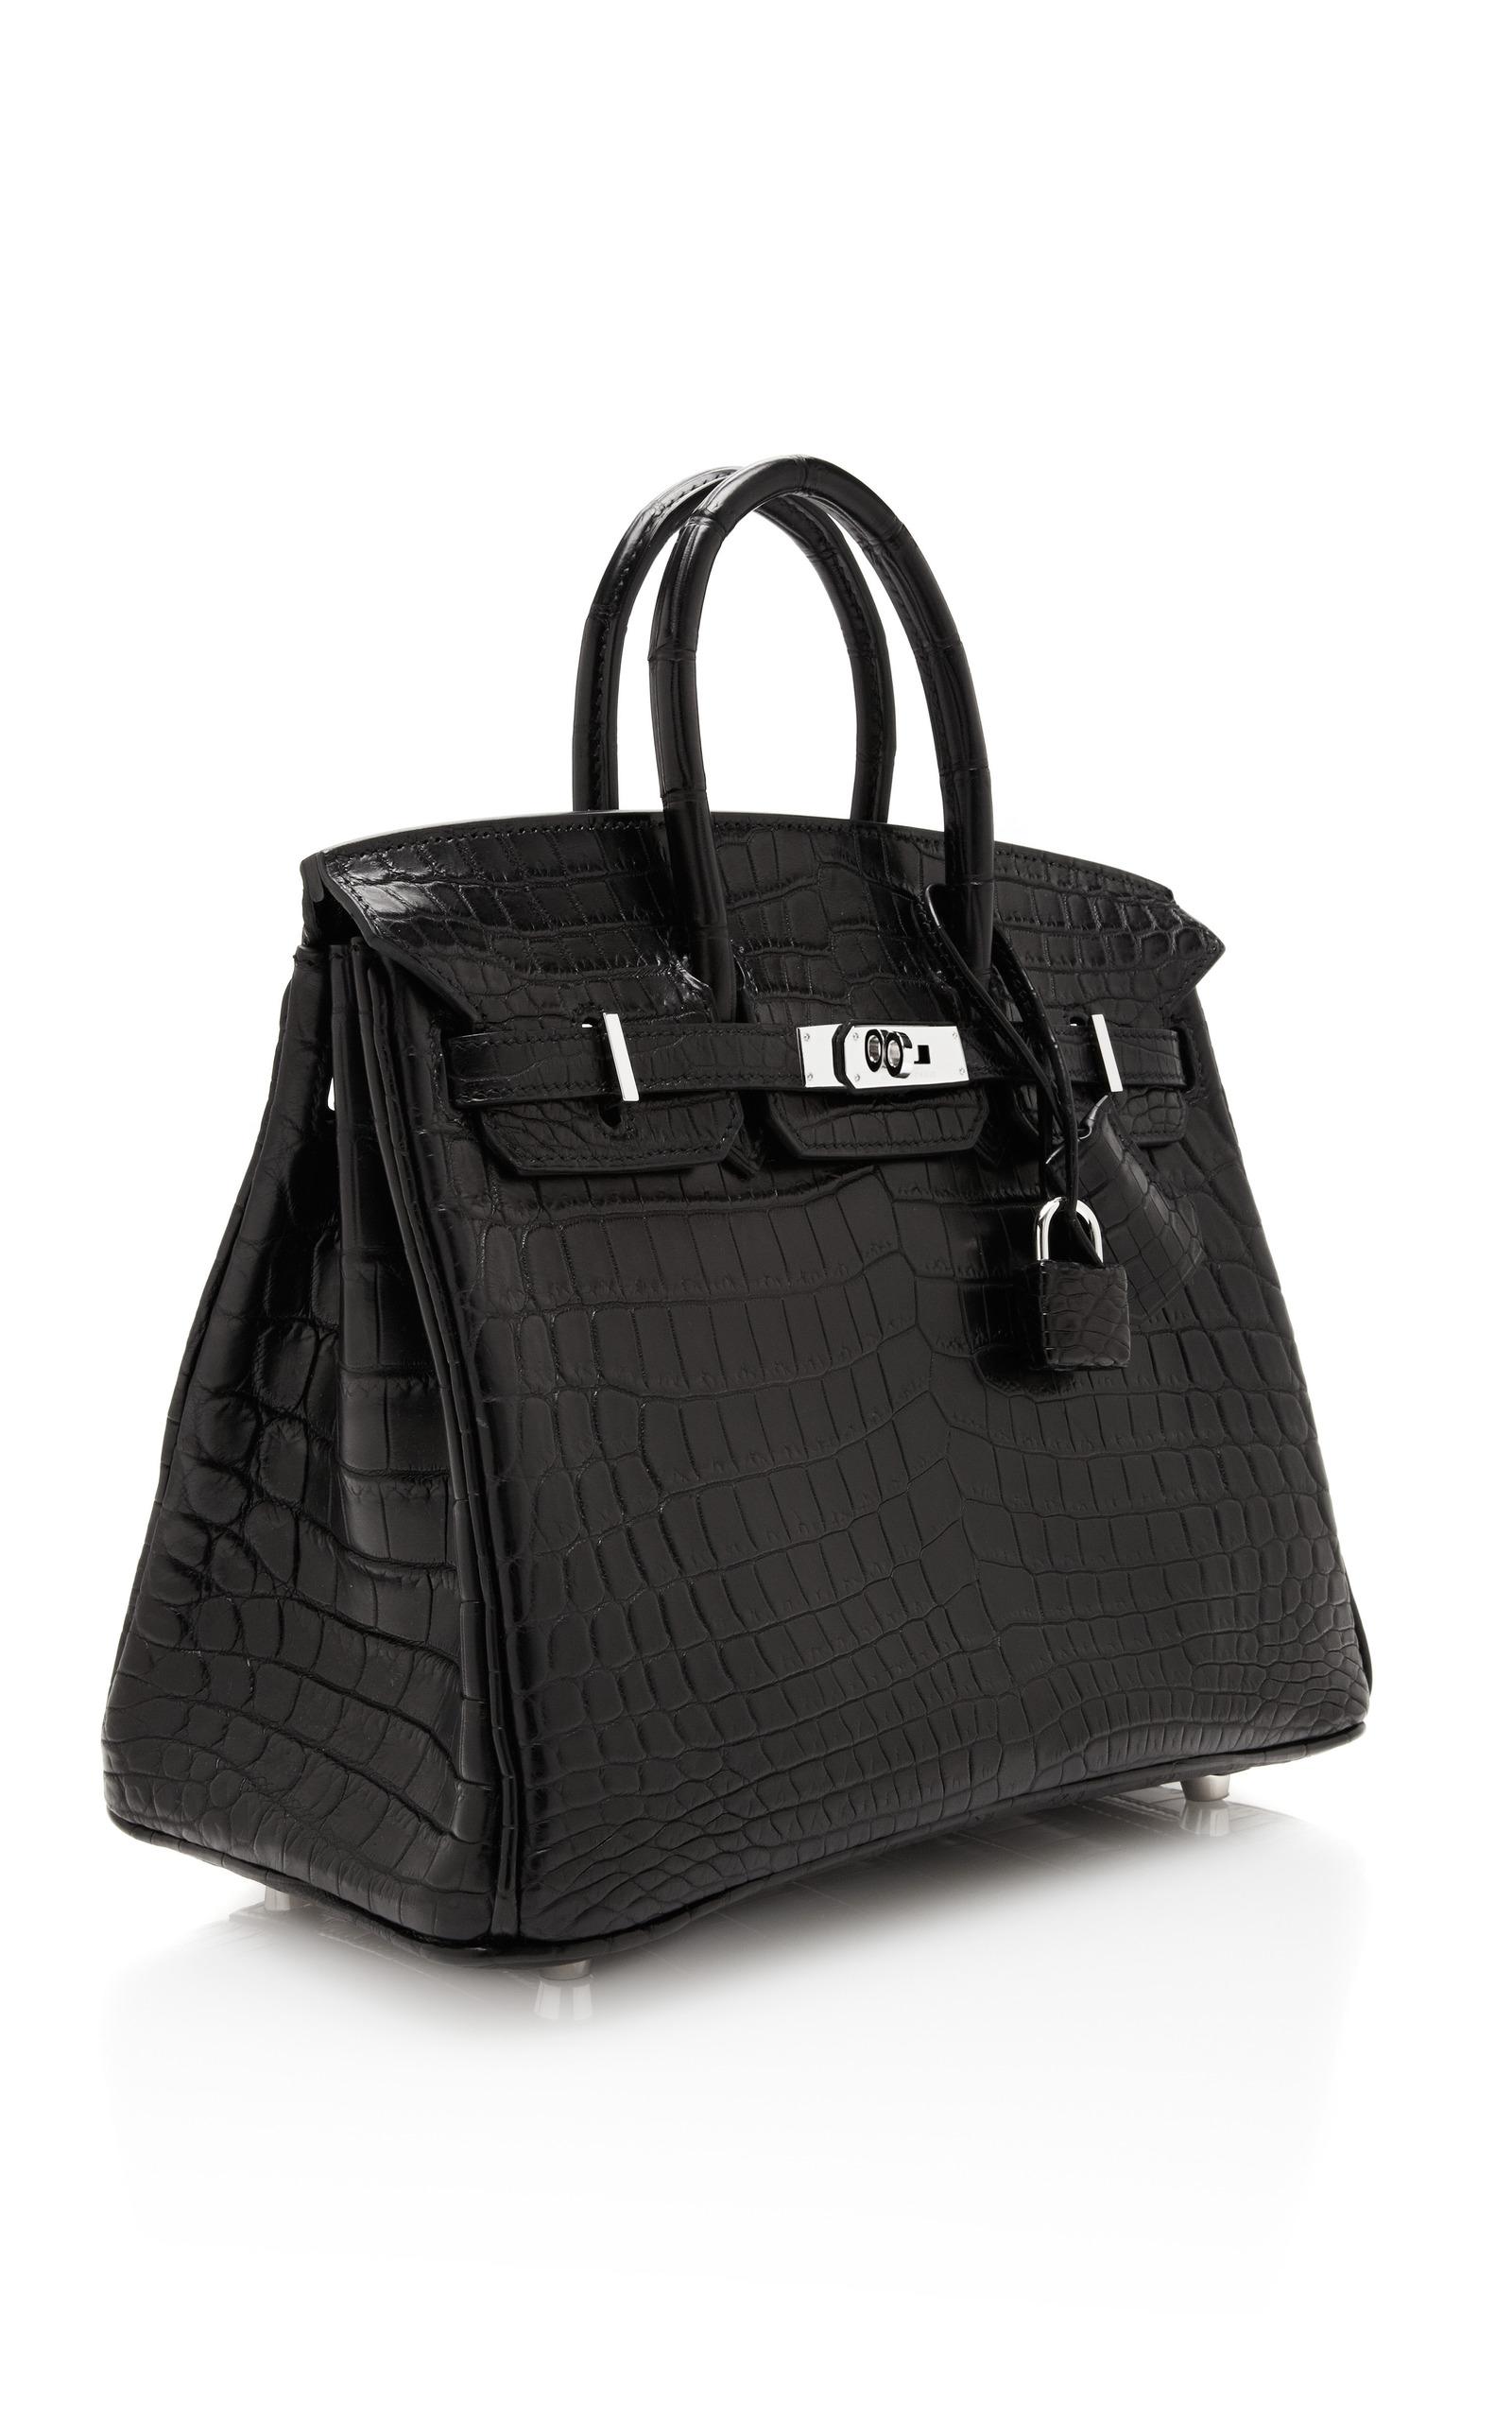 12a0d04c466c Hermes VintageHermes 25Cm Black Matte Nilo Crocodile Birkin. CLOSE. Loading